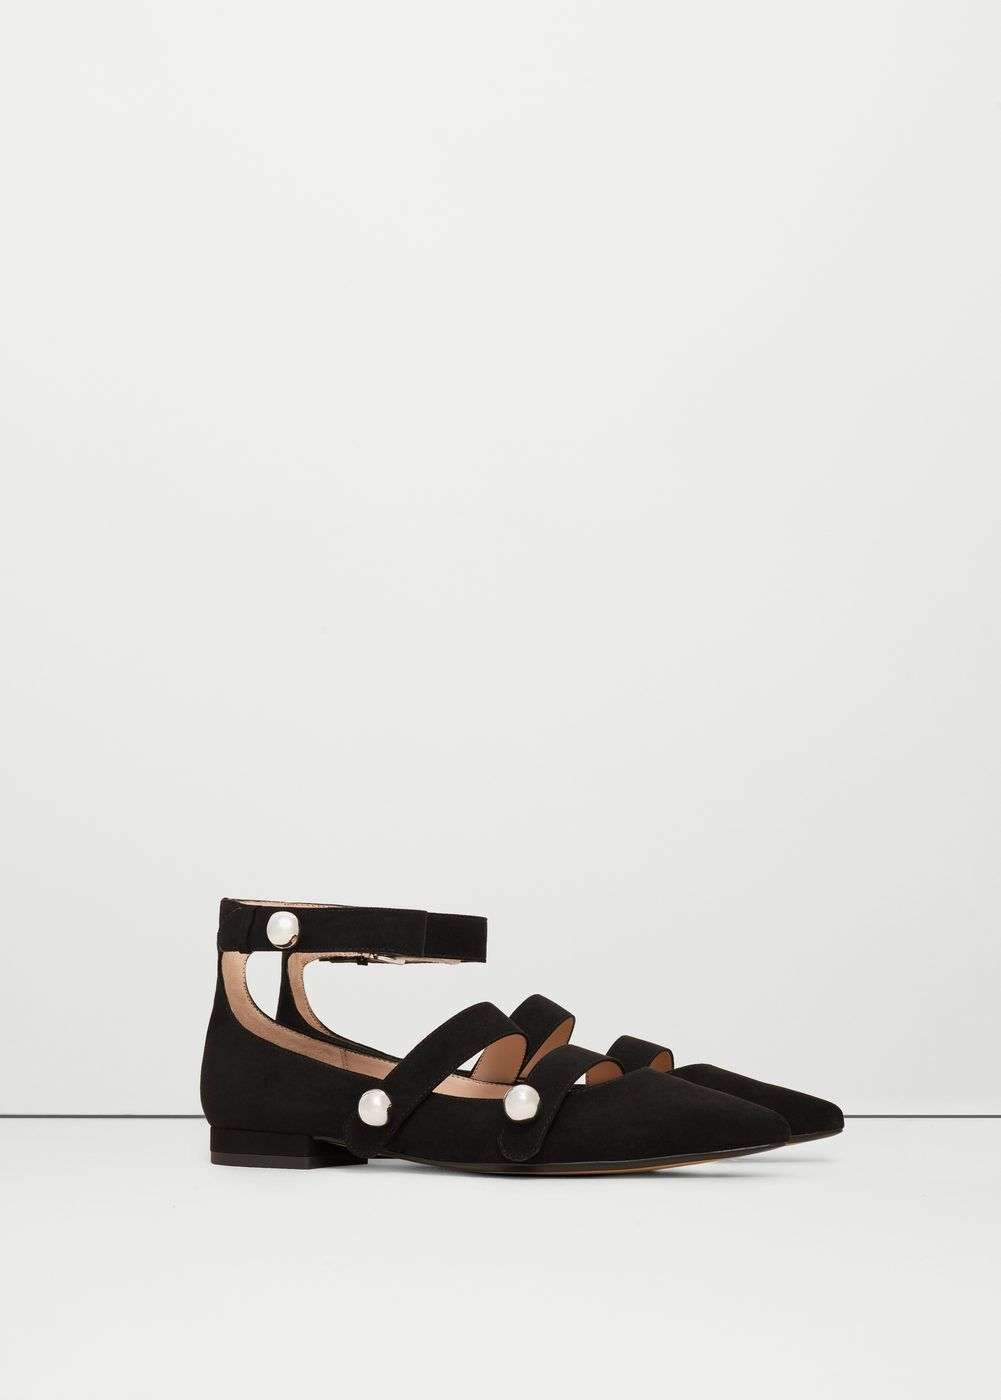 1da26fac2 Sapato raso ponta - Mulher | My style | Pointed toe flats, Flats e ...